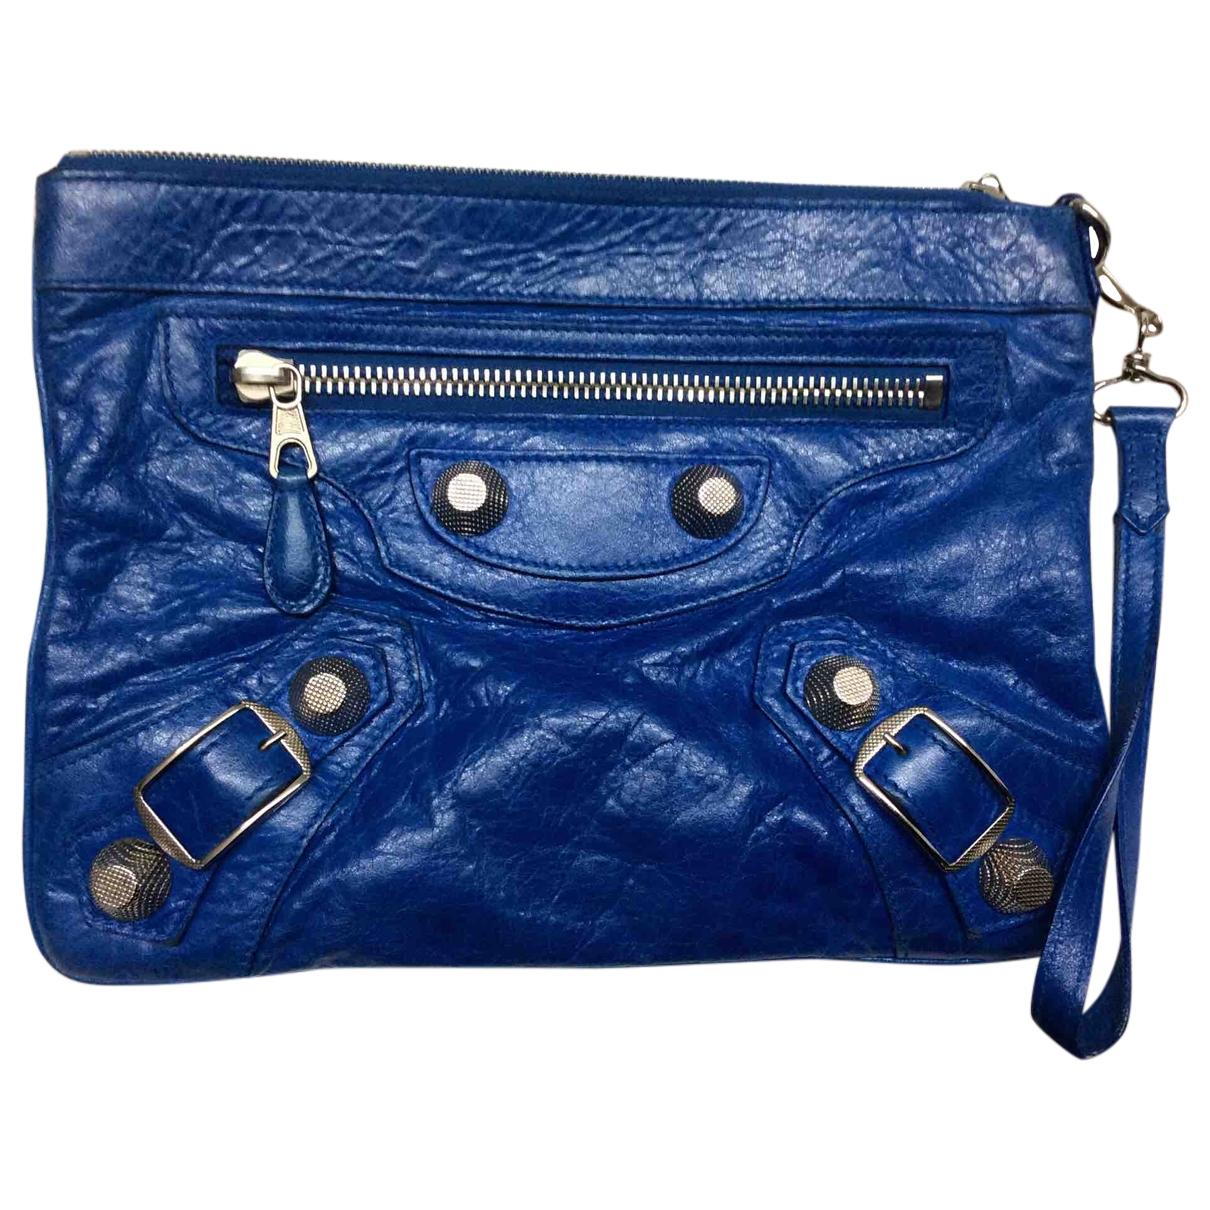 Balenciaga City Clutch in  Blau Leder